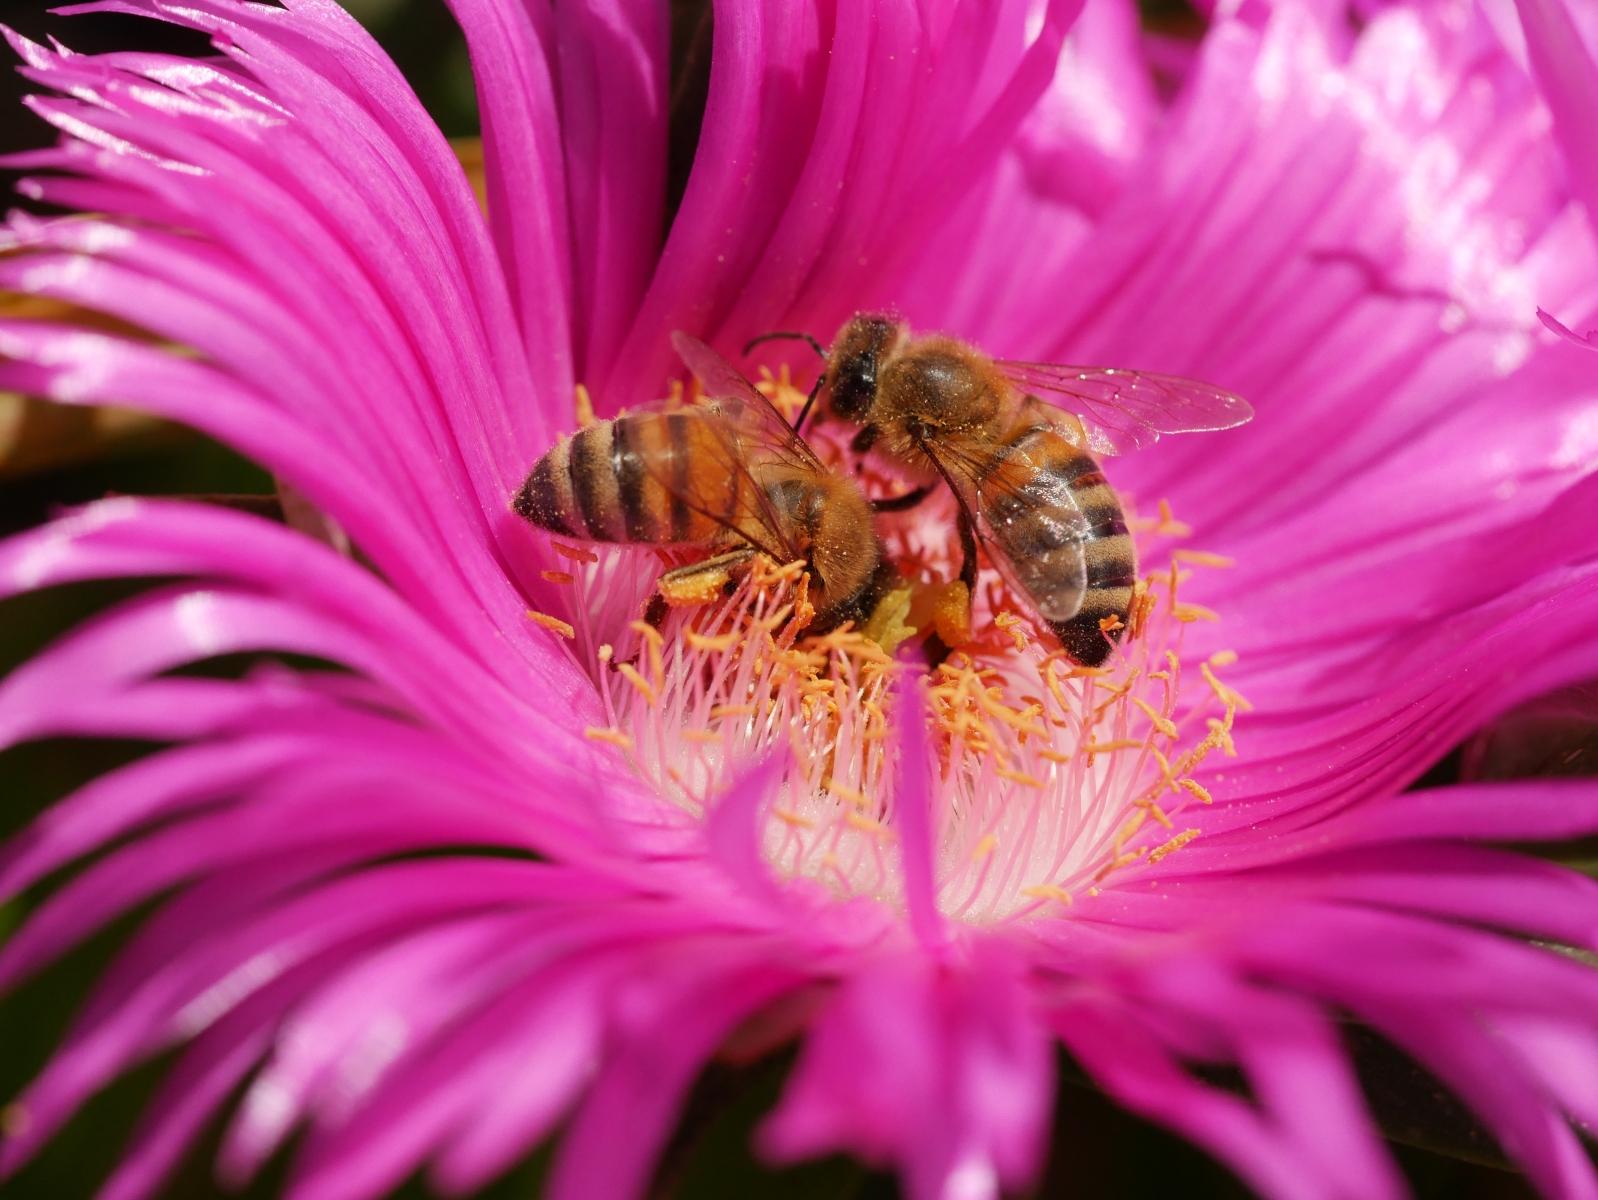 Sehr selten kann man zwei Insekten in einer Blüte beobachten.